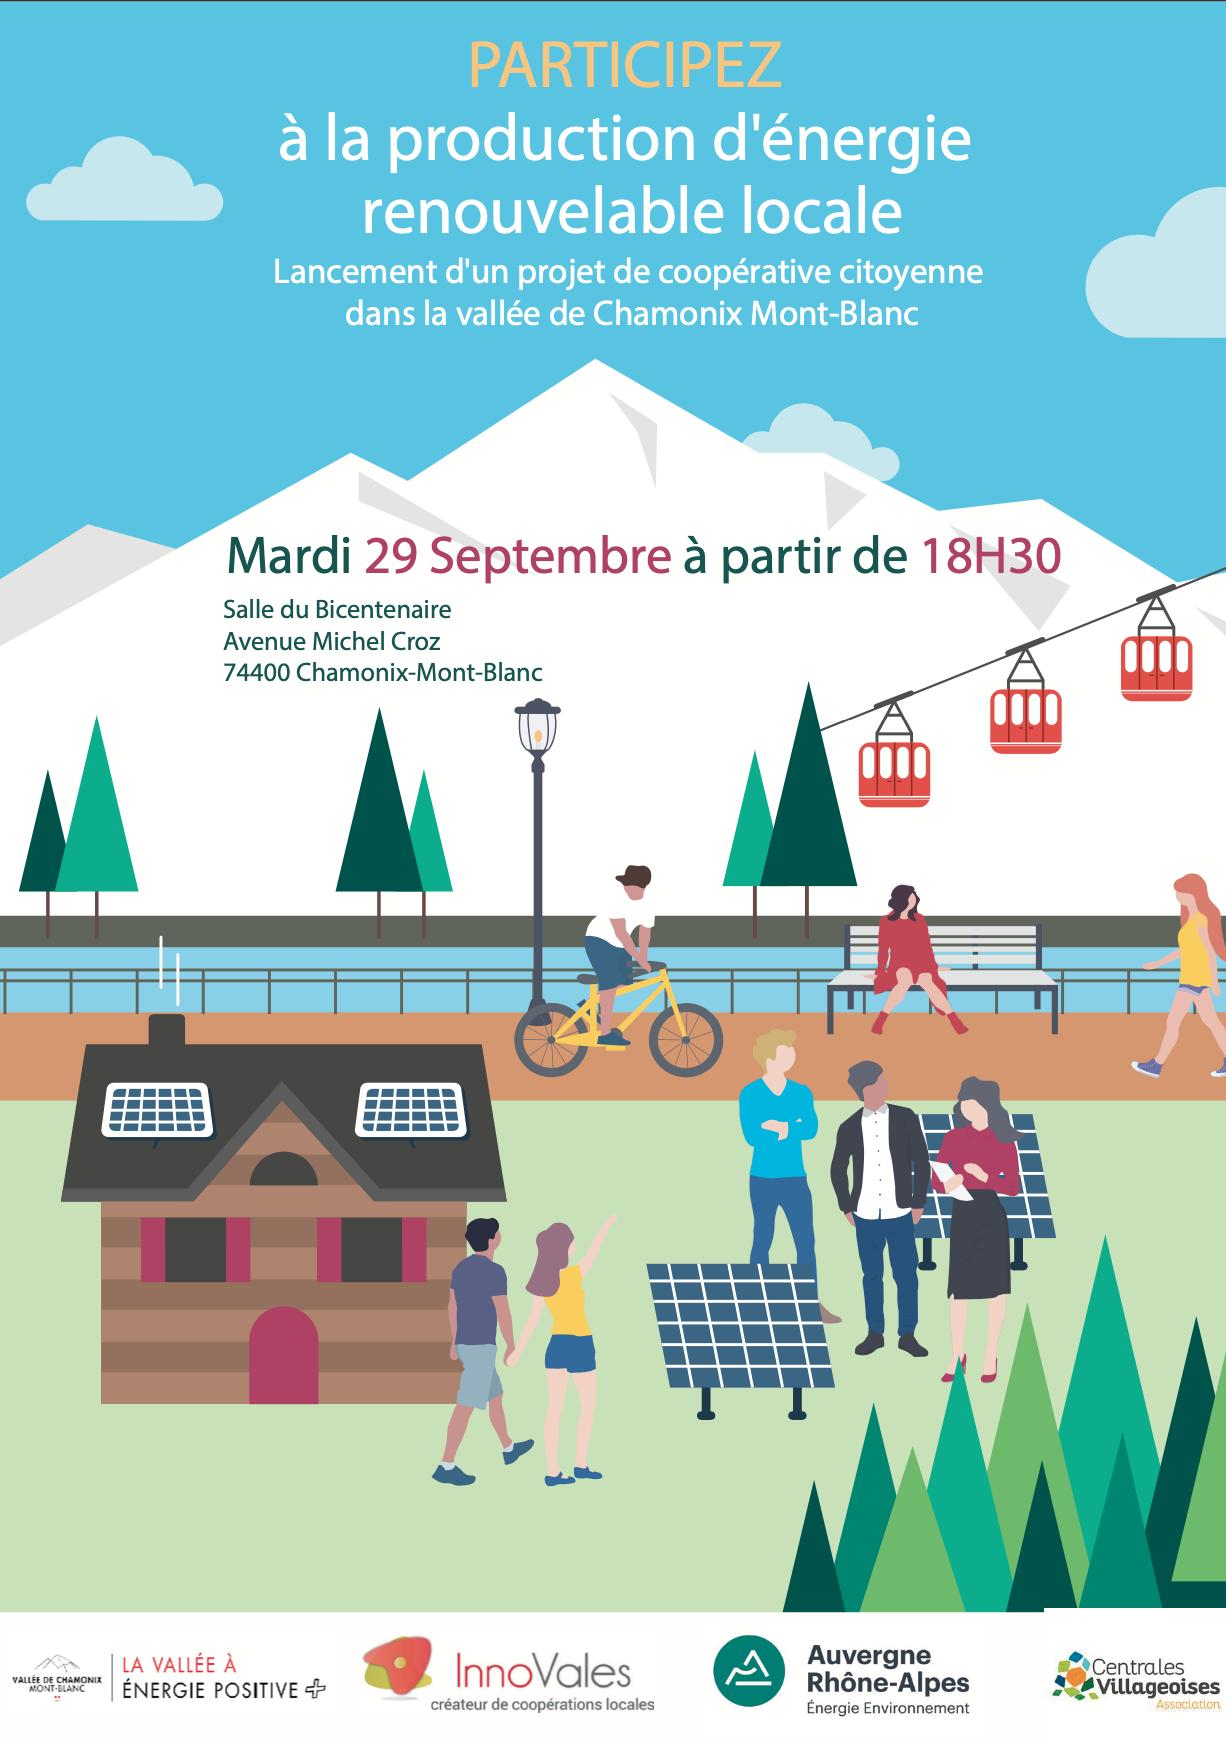 Capture decran 2020 09 16 a 17.37.08 - Lancement d'une coopérative citoyenne de production d'énergie solaire photovoltaïque dans la Vallée de Chamonix